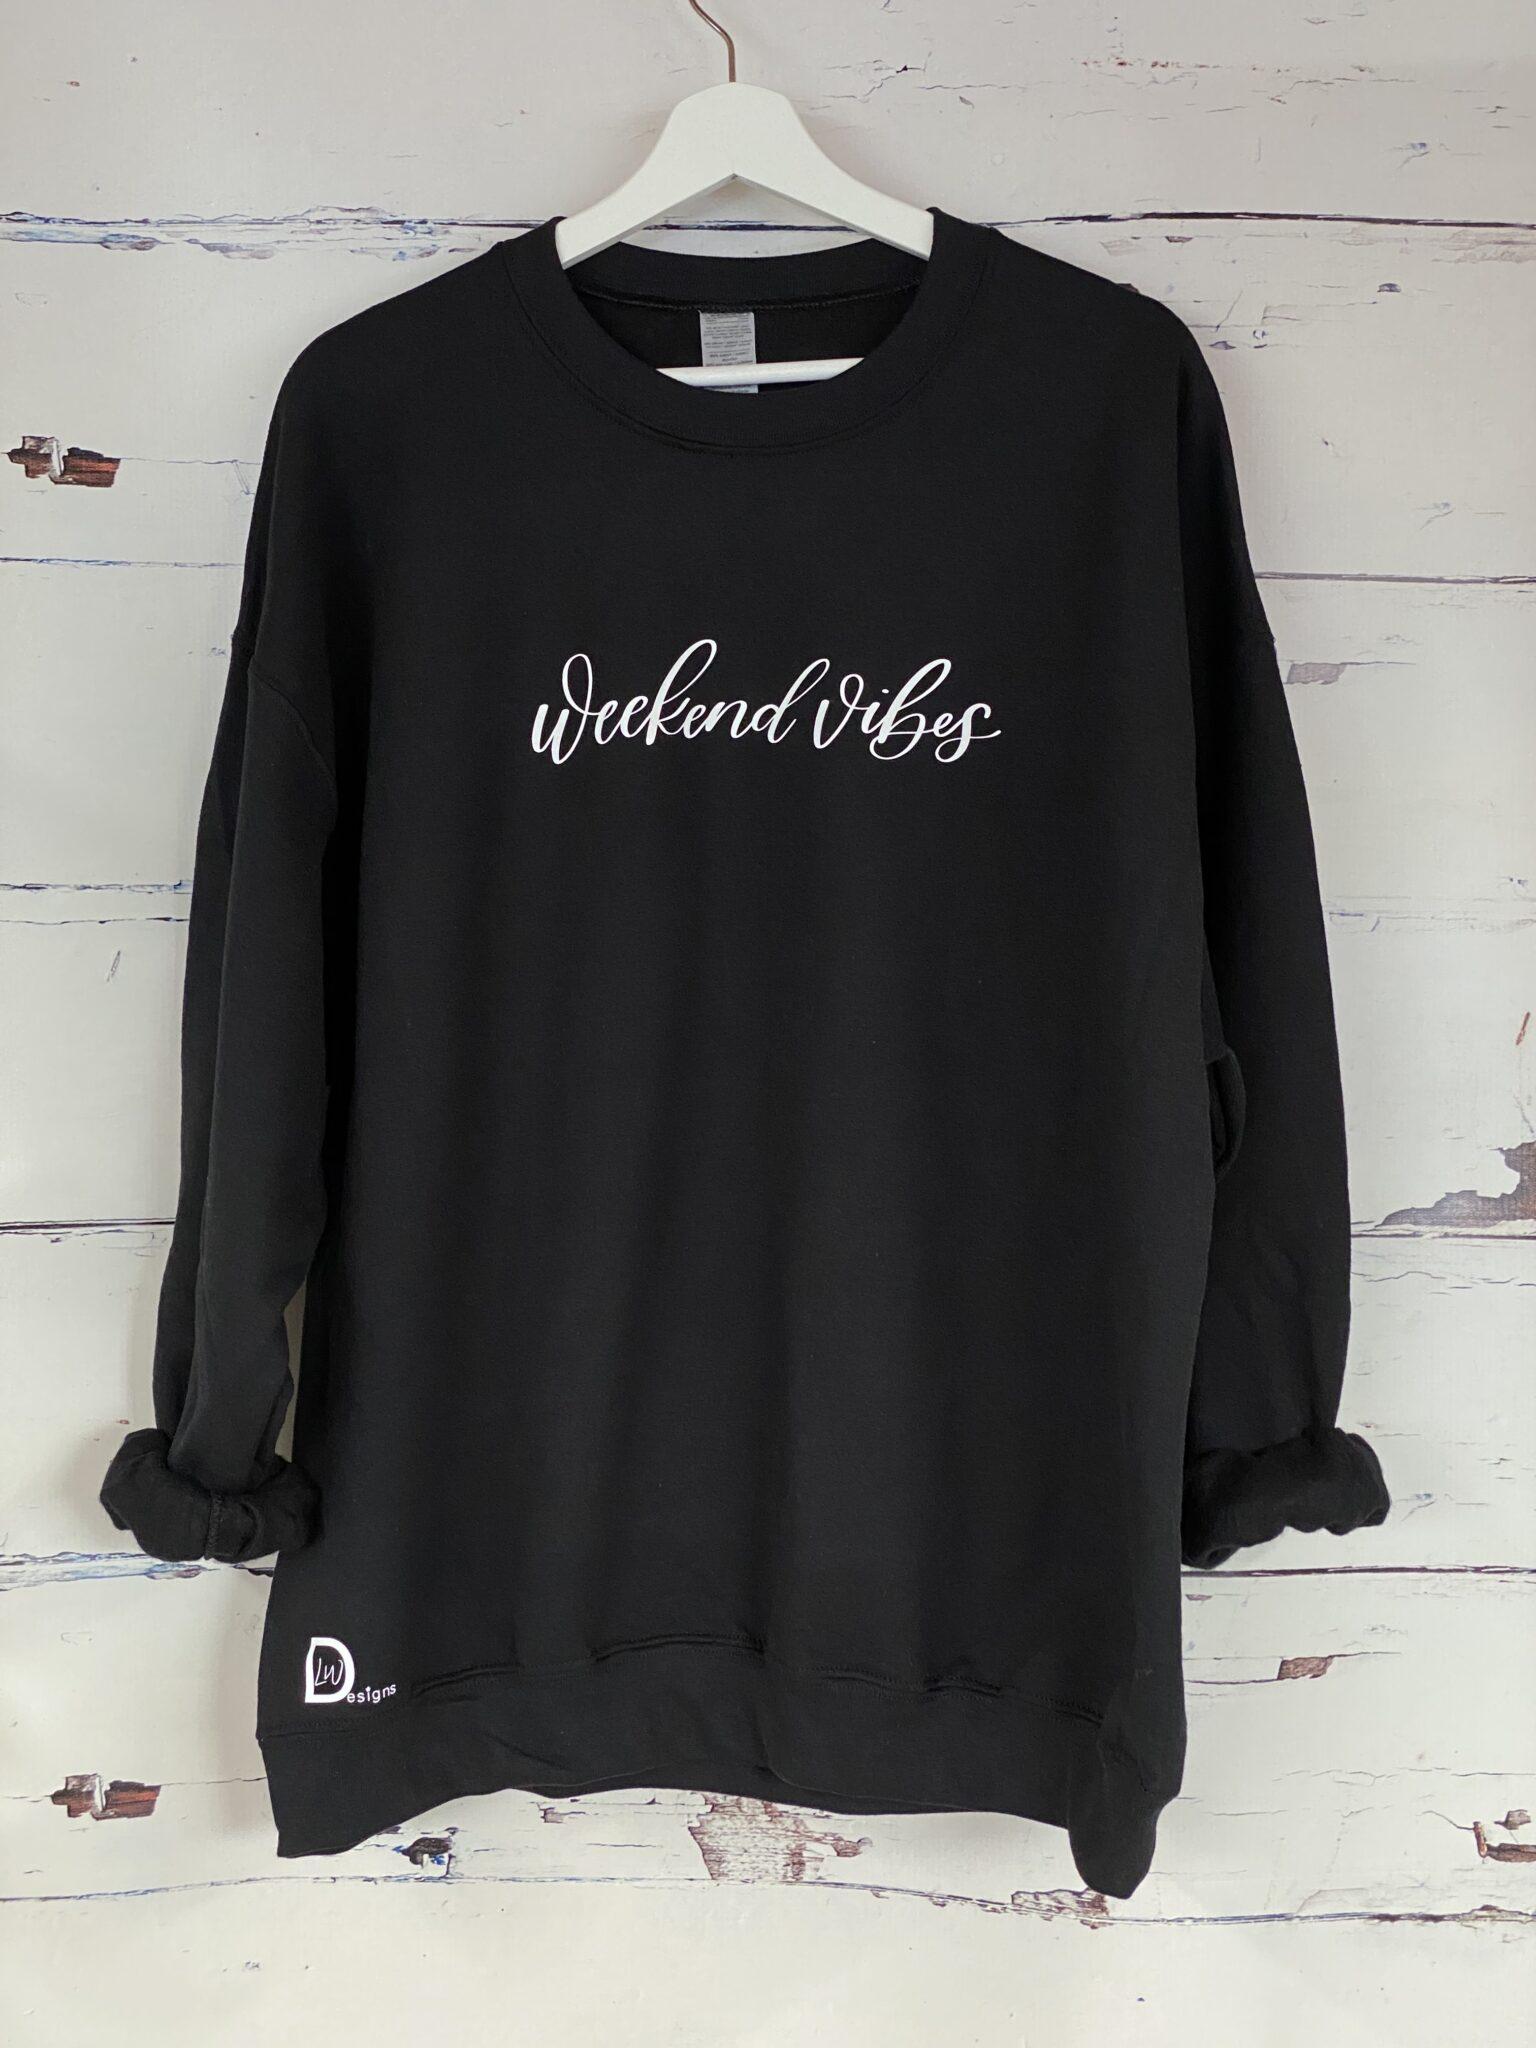 Weekend Vibes Black Sweatshirt